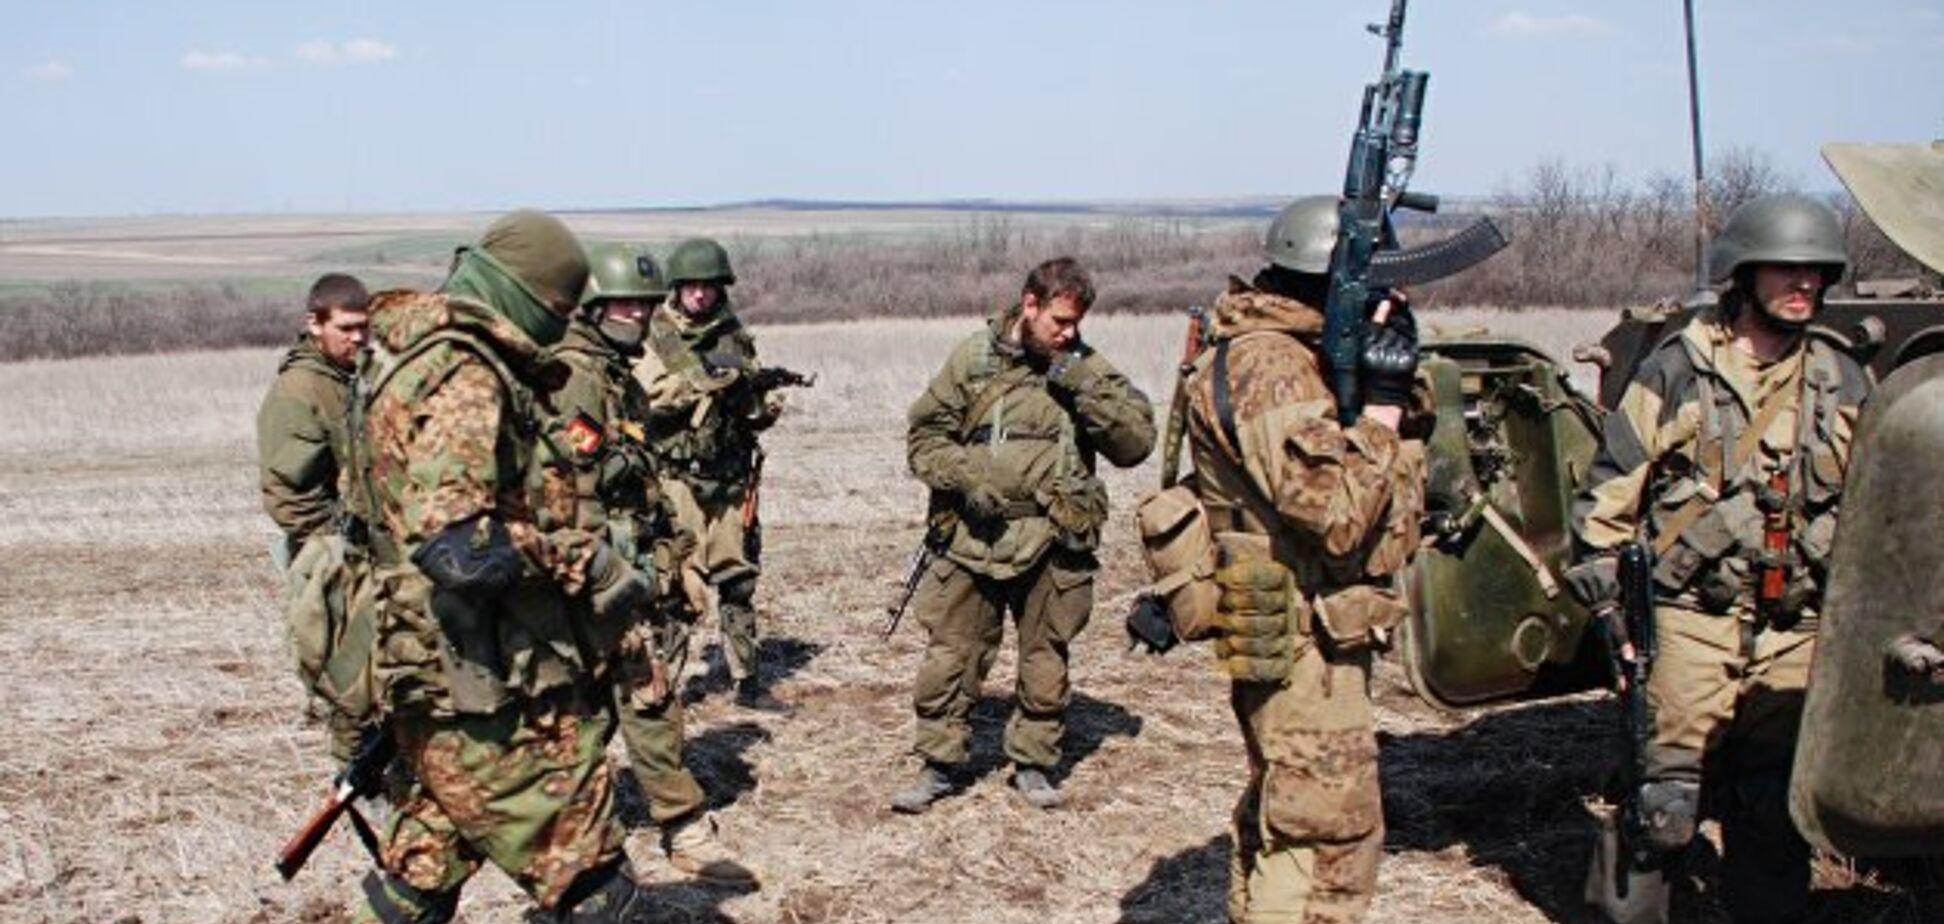 Обстрел колонны с главой Донетчины: в Украине дали мощный ответ